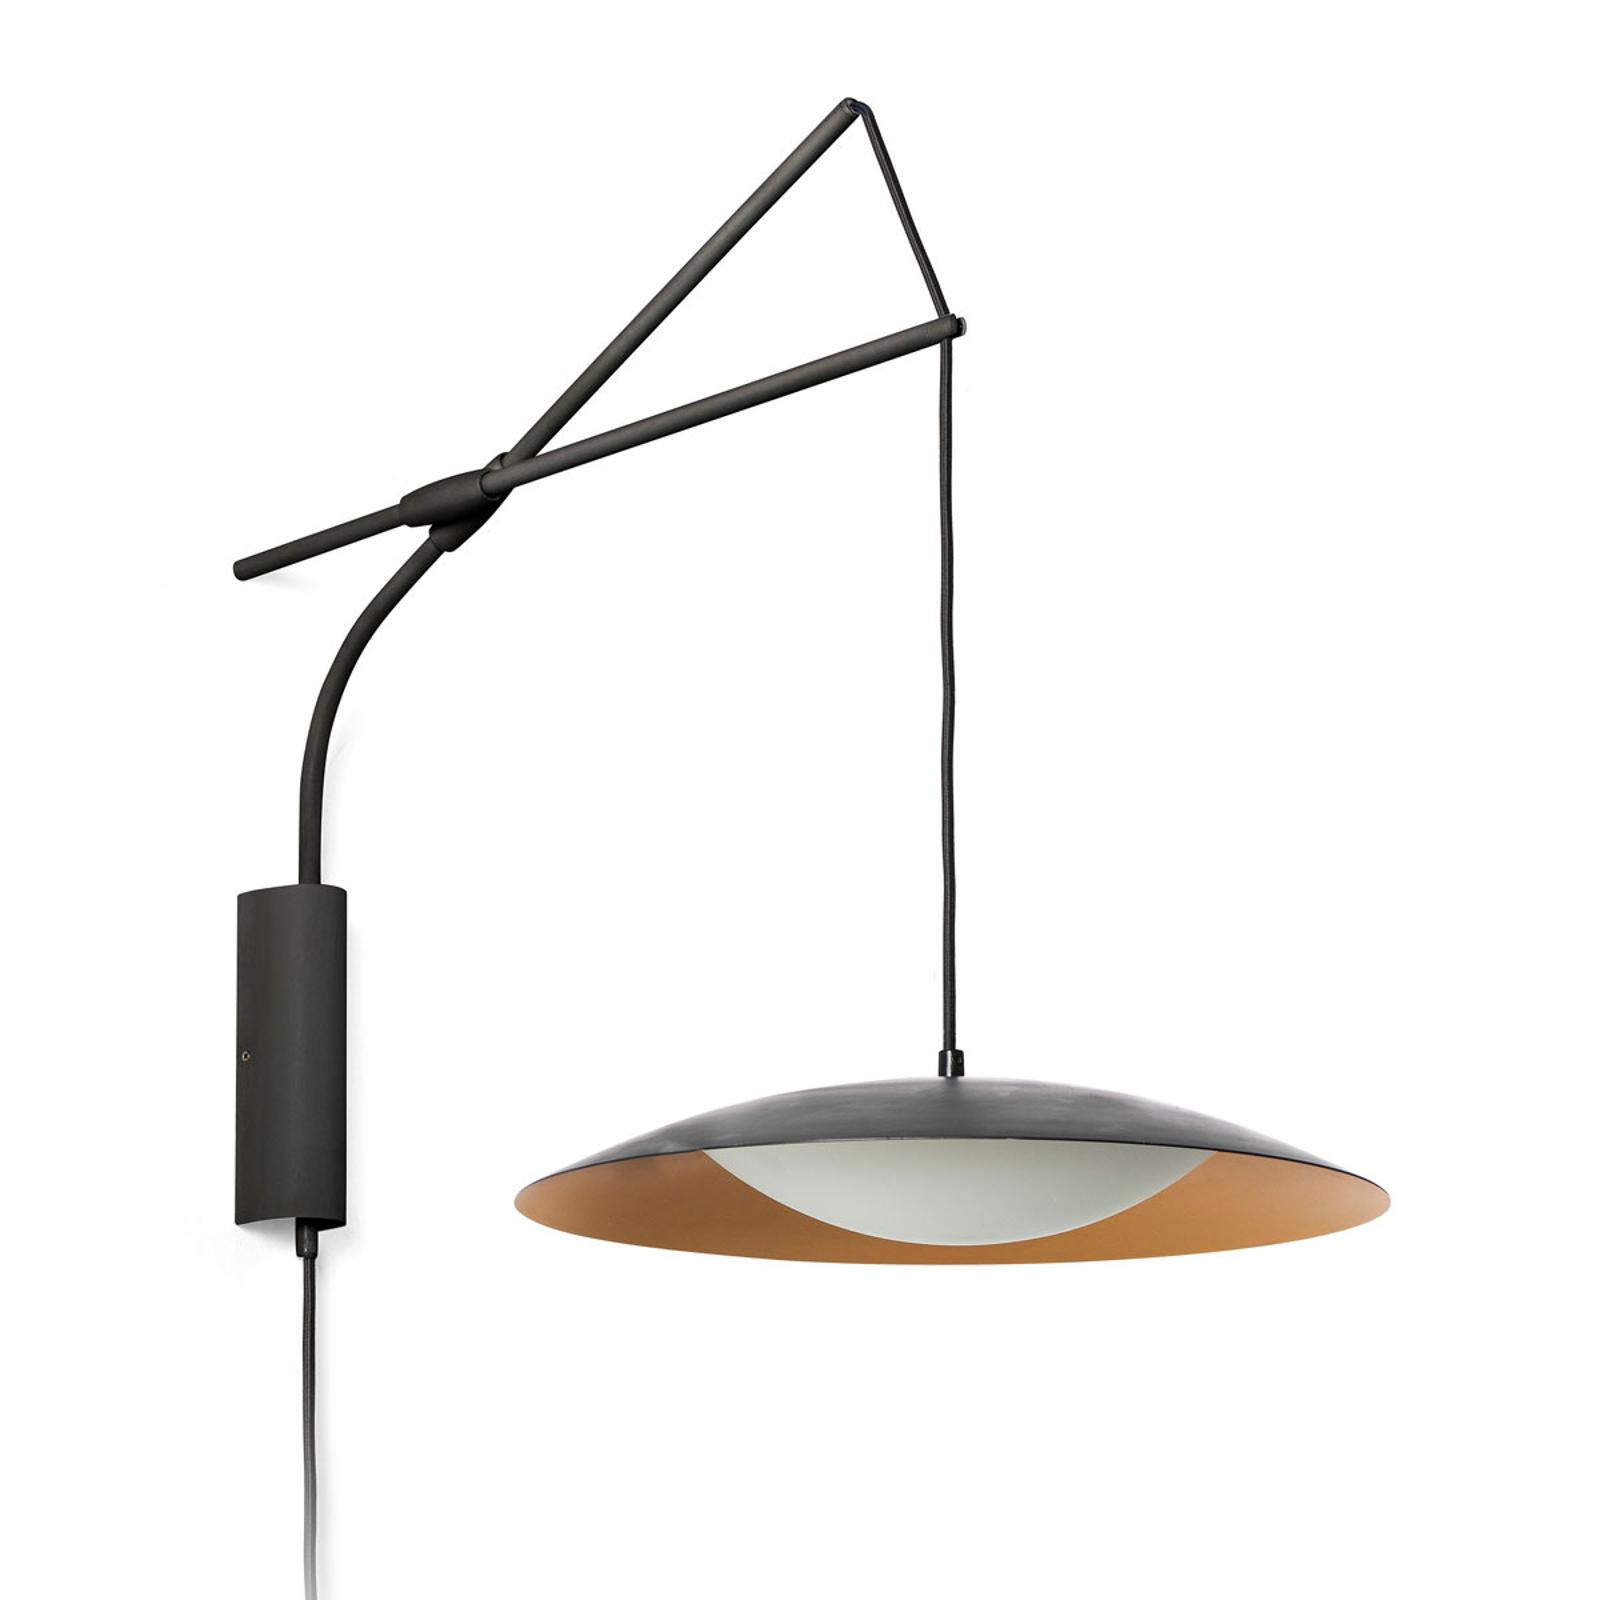 Applique LED Slim avec prise, noir-doré